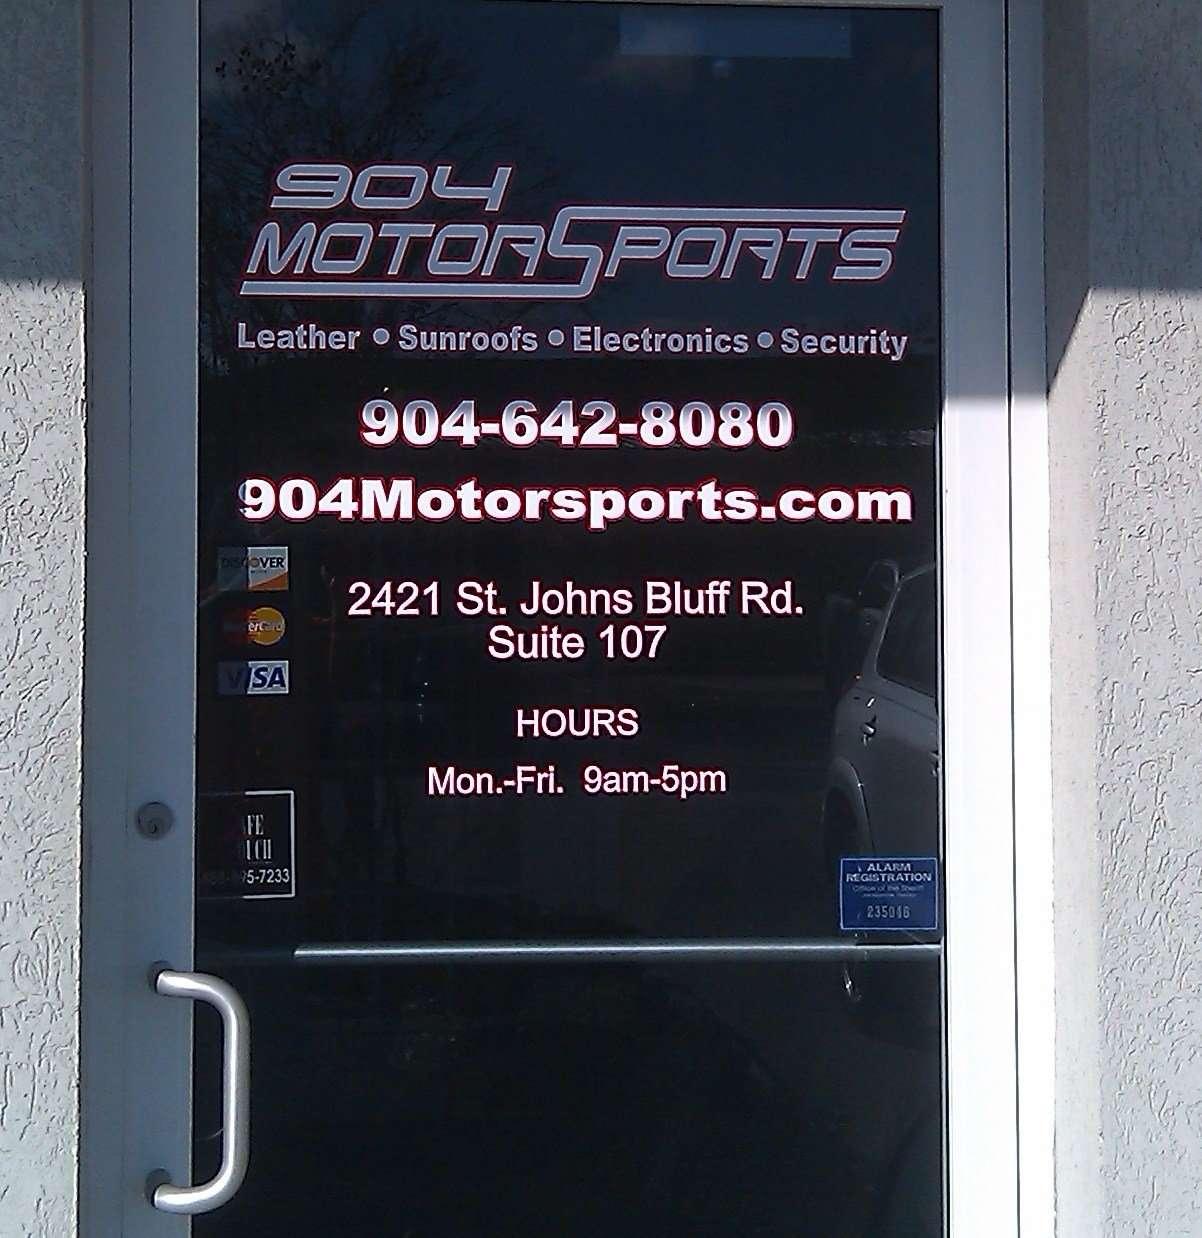 904 Motorsports Door Logo and Hours